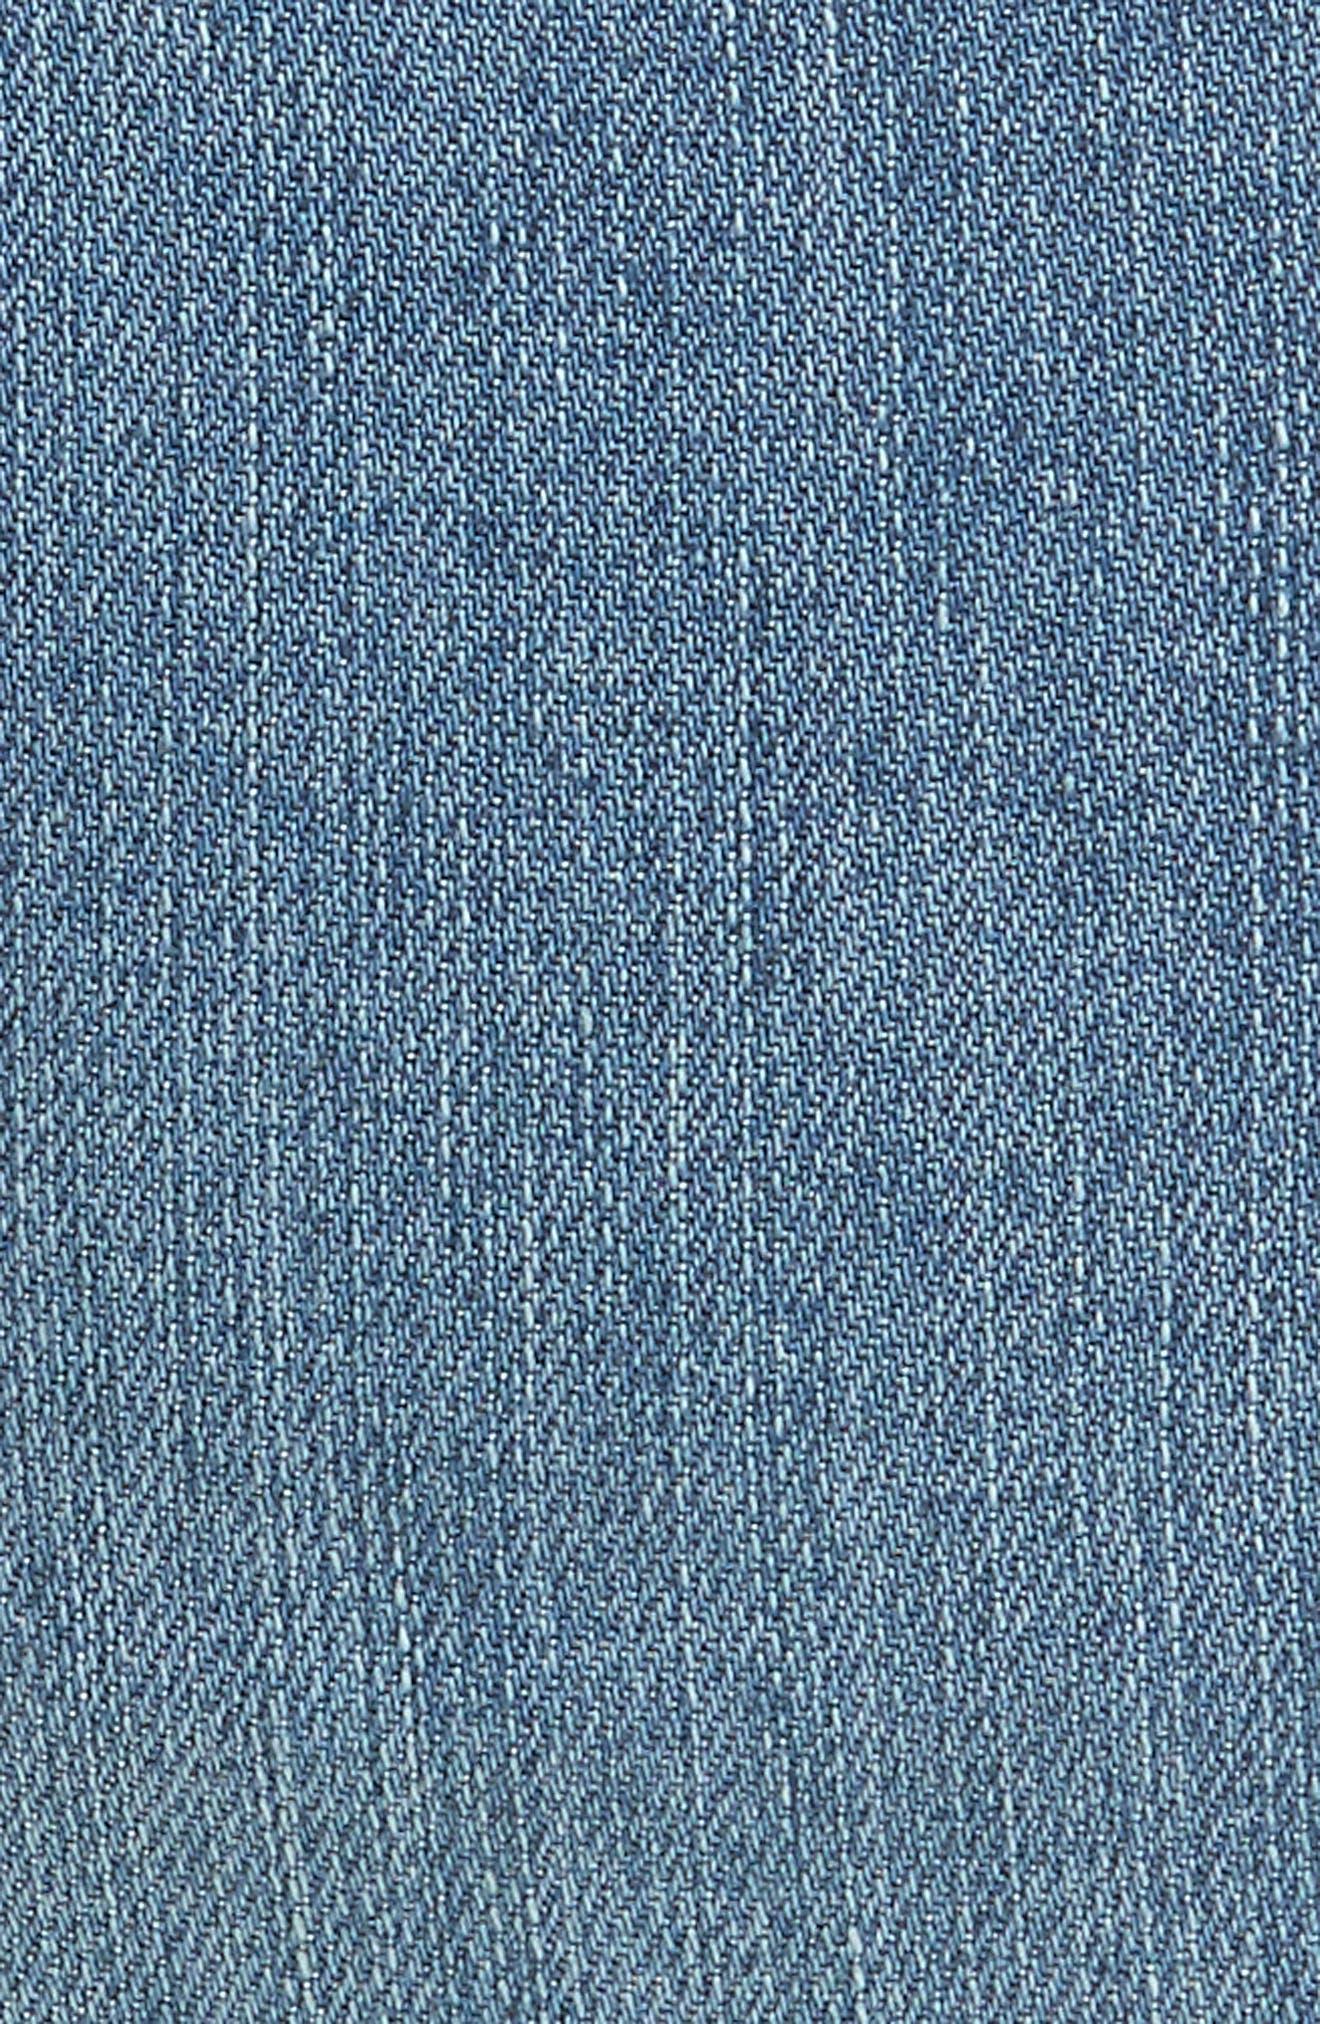 Alternate Image 5  - Free People Reagan Crop Skinny Jeans (Sky)